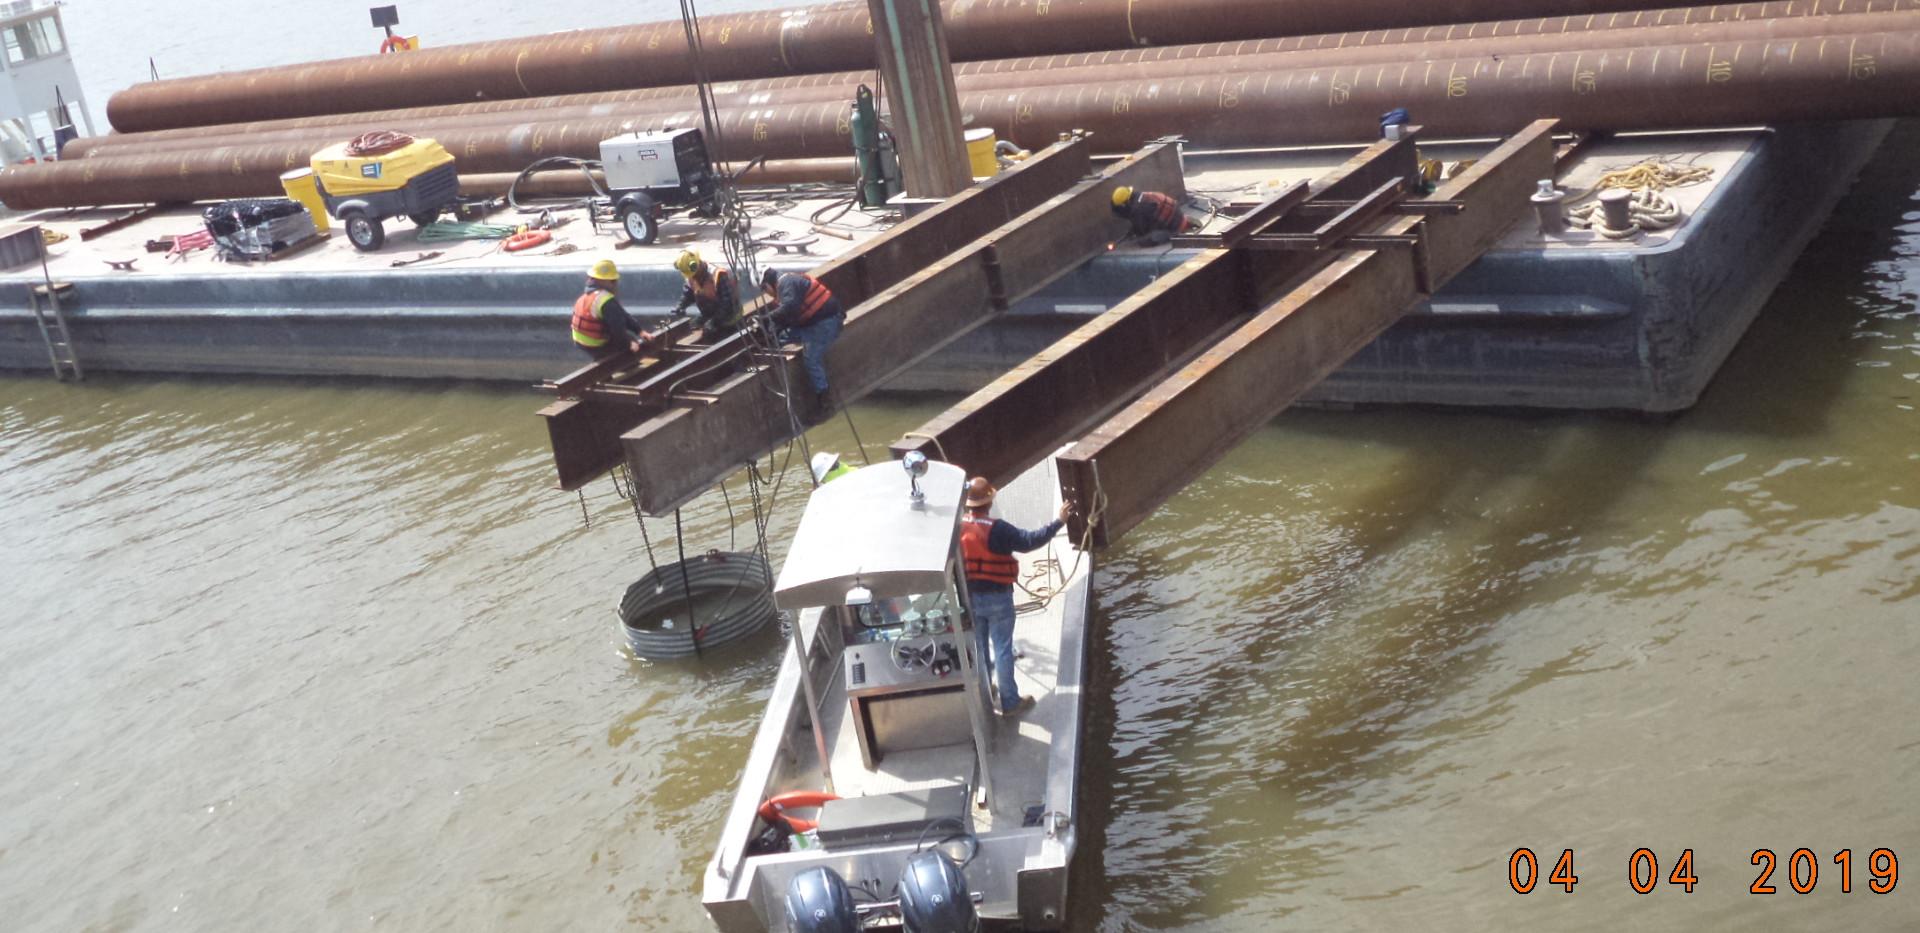 Tugboat Barge Delivery